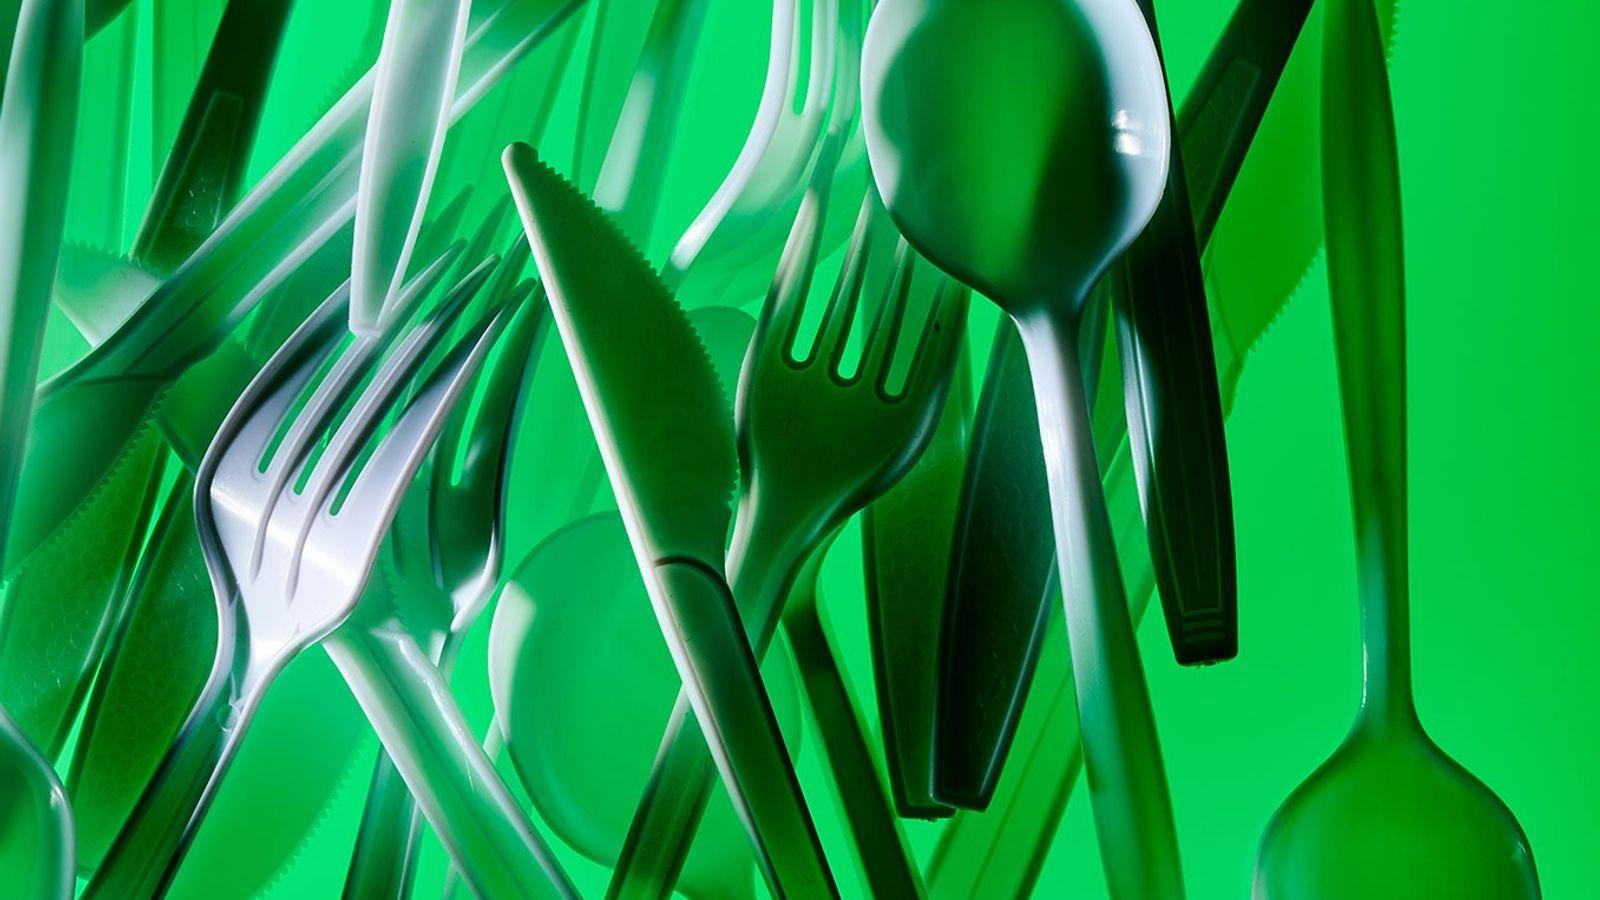 Como muitos objetos de plástico, os talheres geralmente acabam na natureza, trazendo riscos aos animais e ...